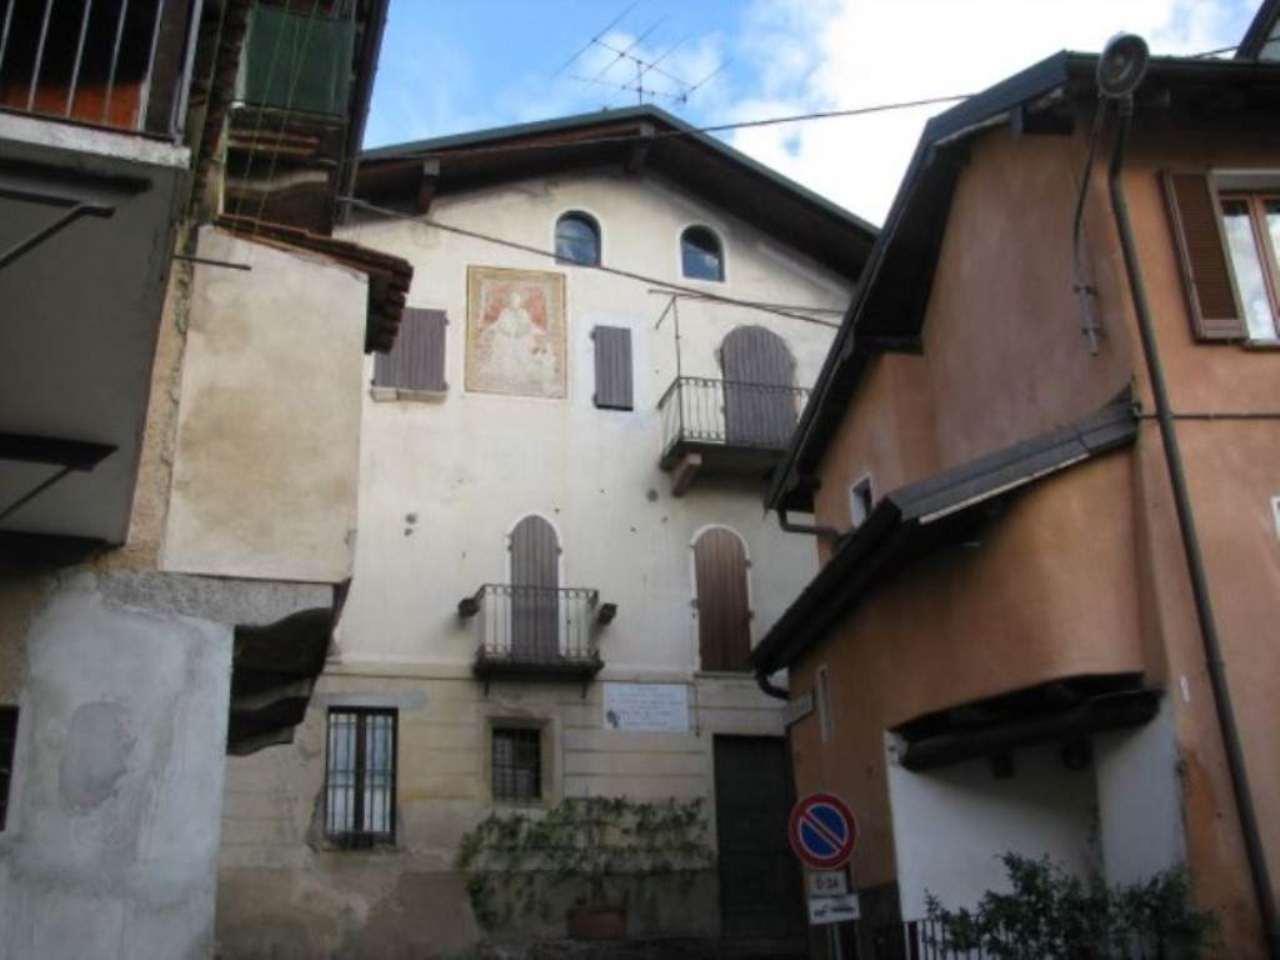 Soluzione Indipendente in vendita a Valganna, 5 locali, prezzo € 245.000 | CambioCasa.it